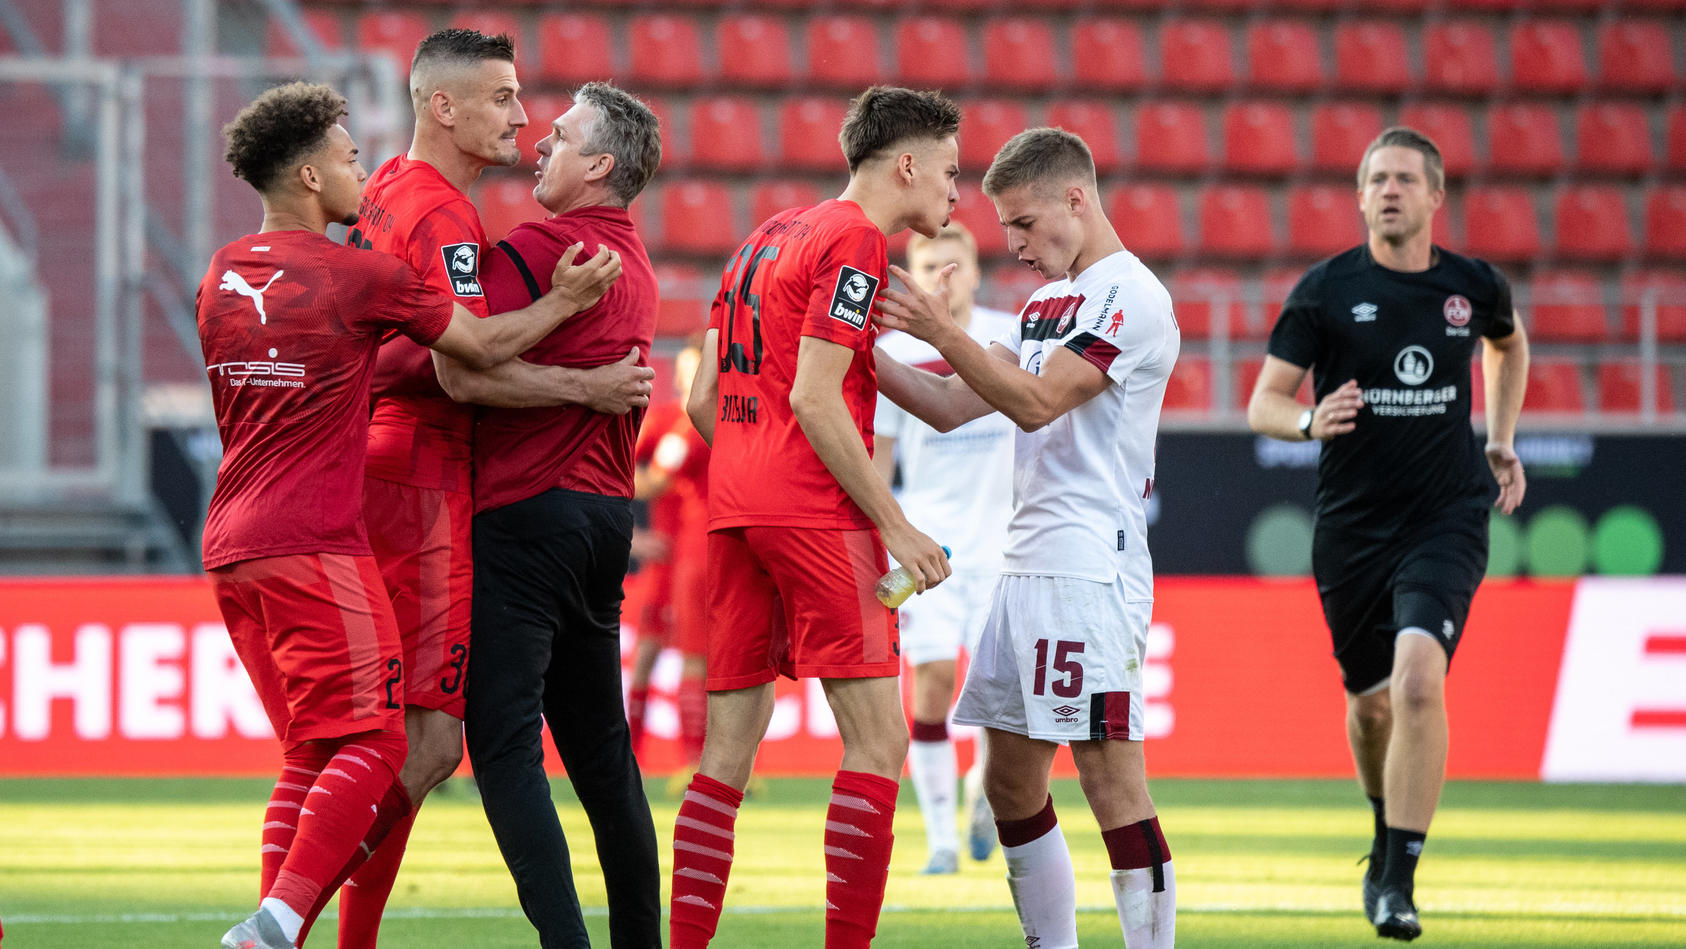 FC Ingolstadt 04 - 1. FC Nürnberg